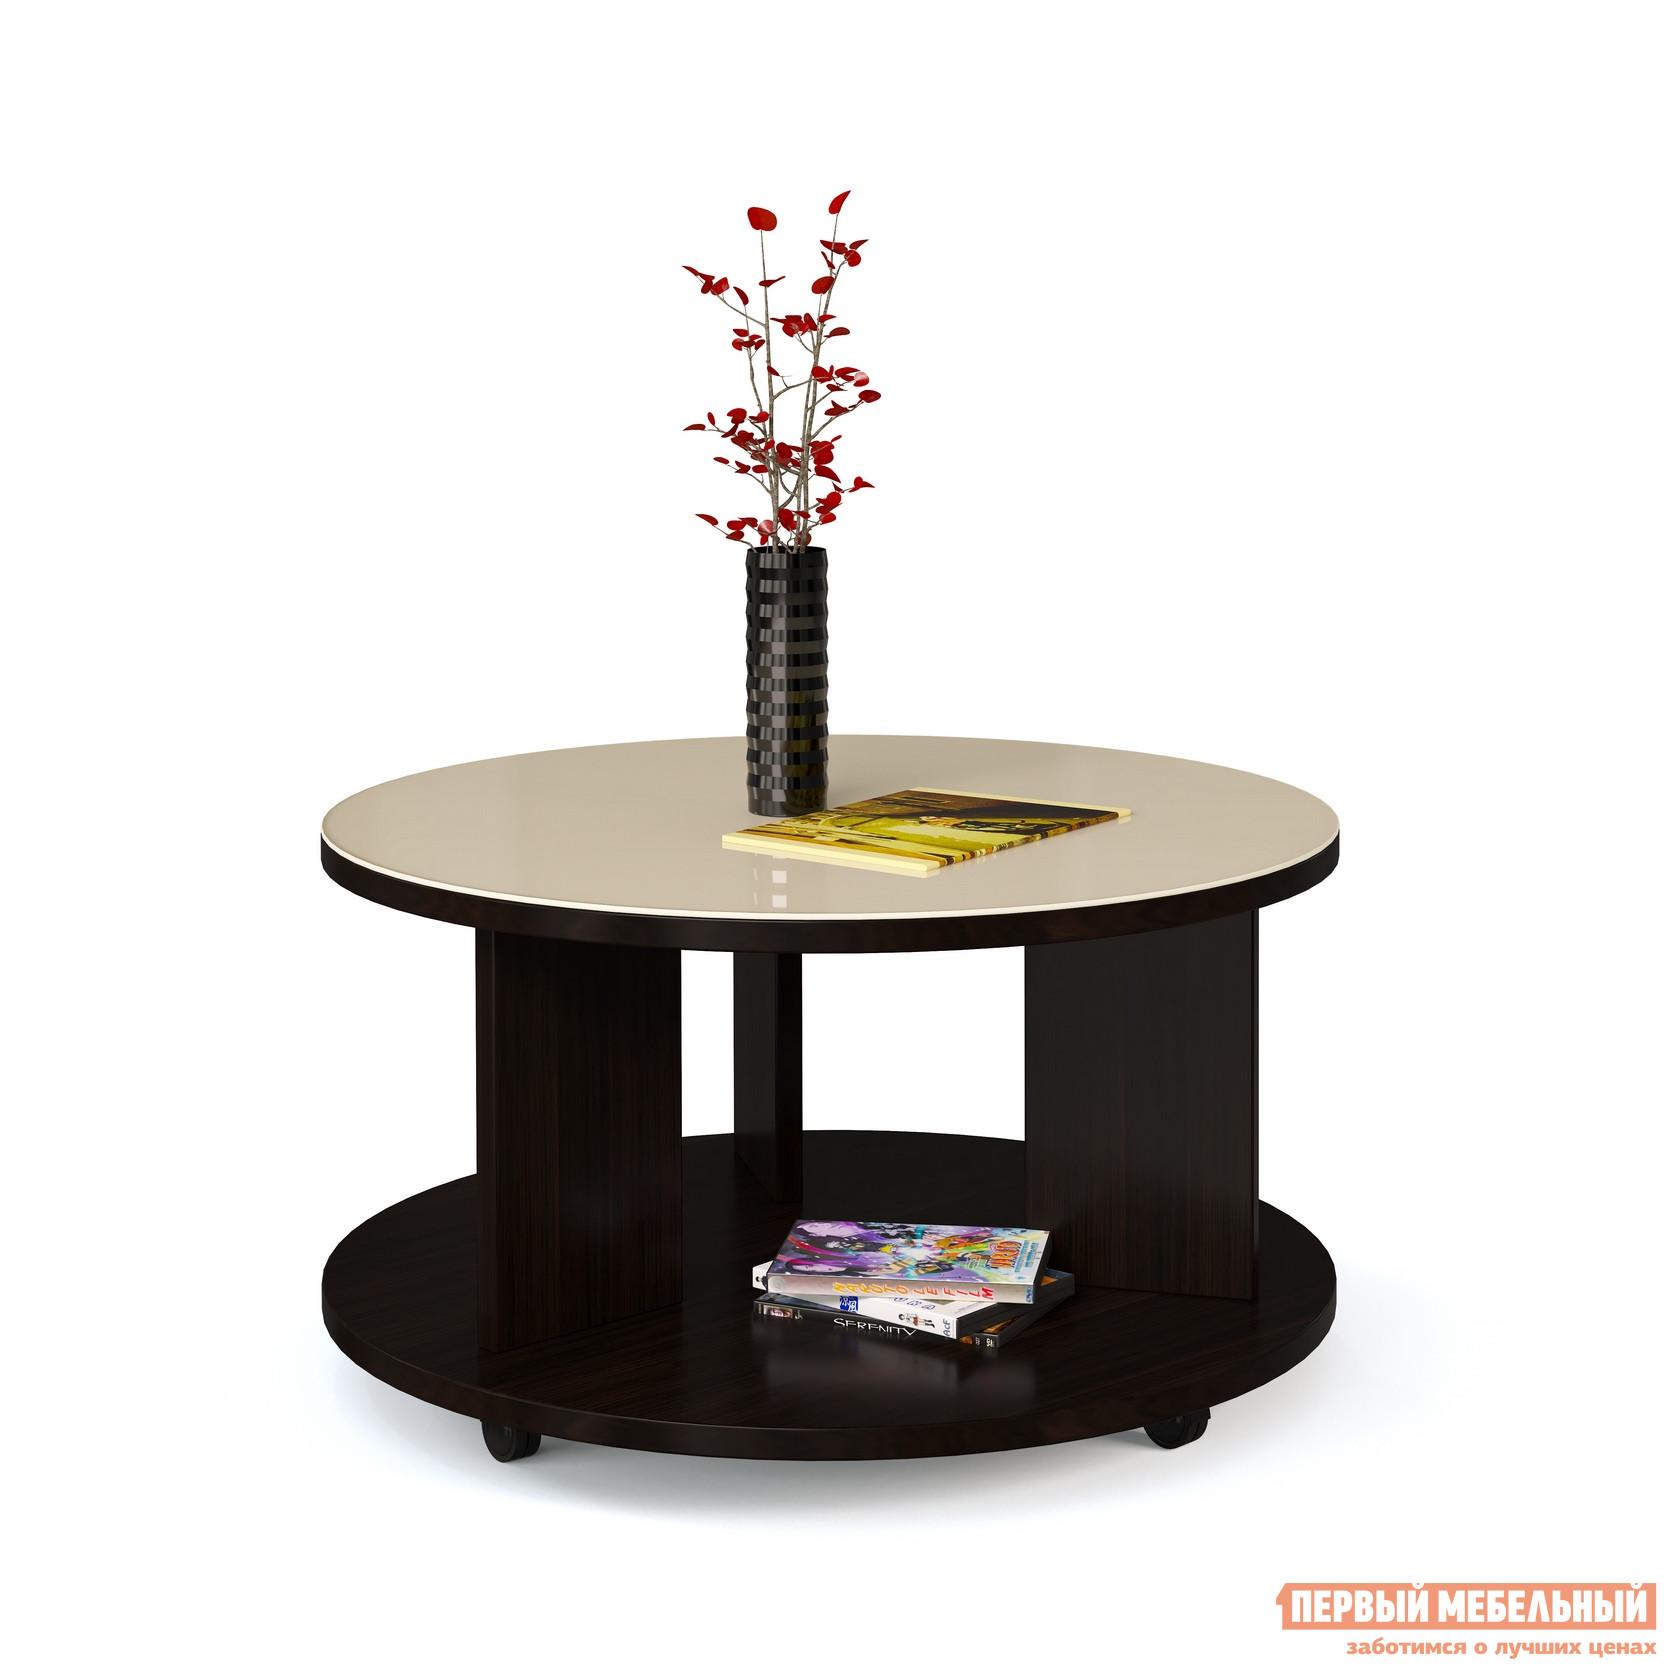 Журнальный столик МегаЭлатон Эдем 10 стол журнальный со стеклом Венге / Бежевое стекло